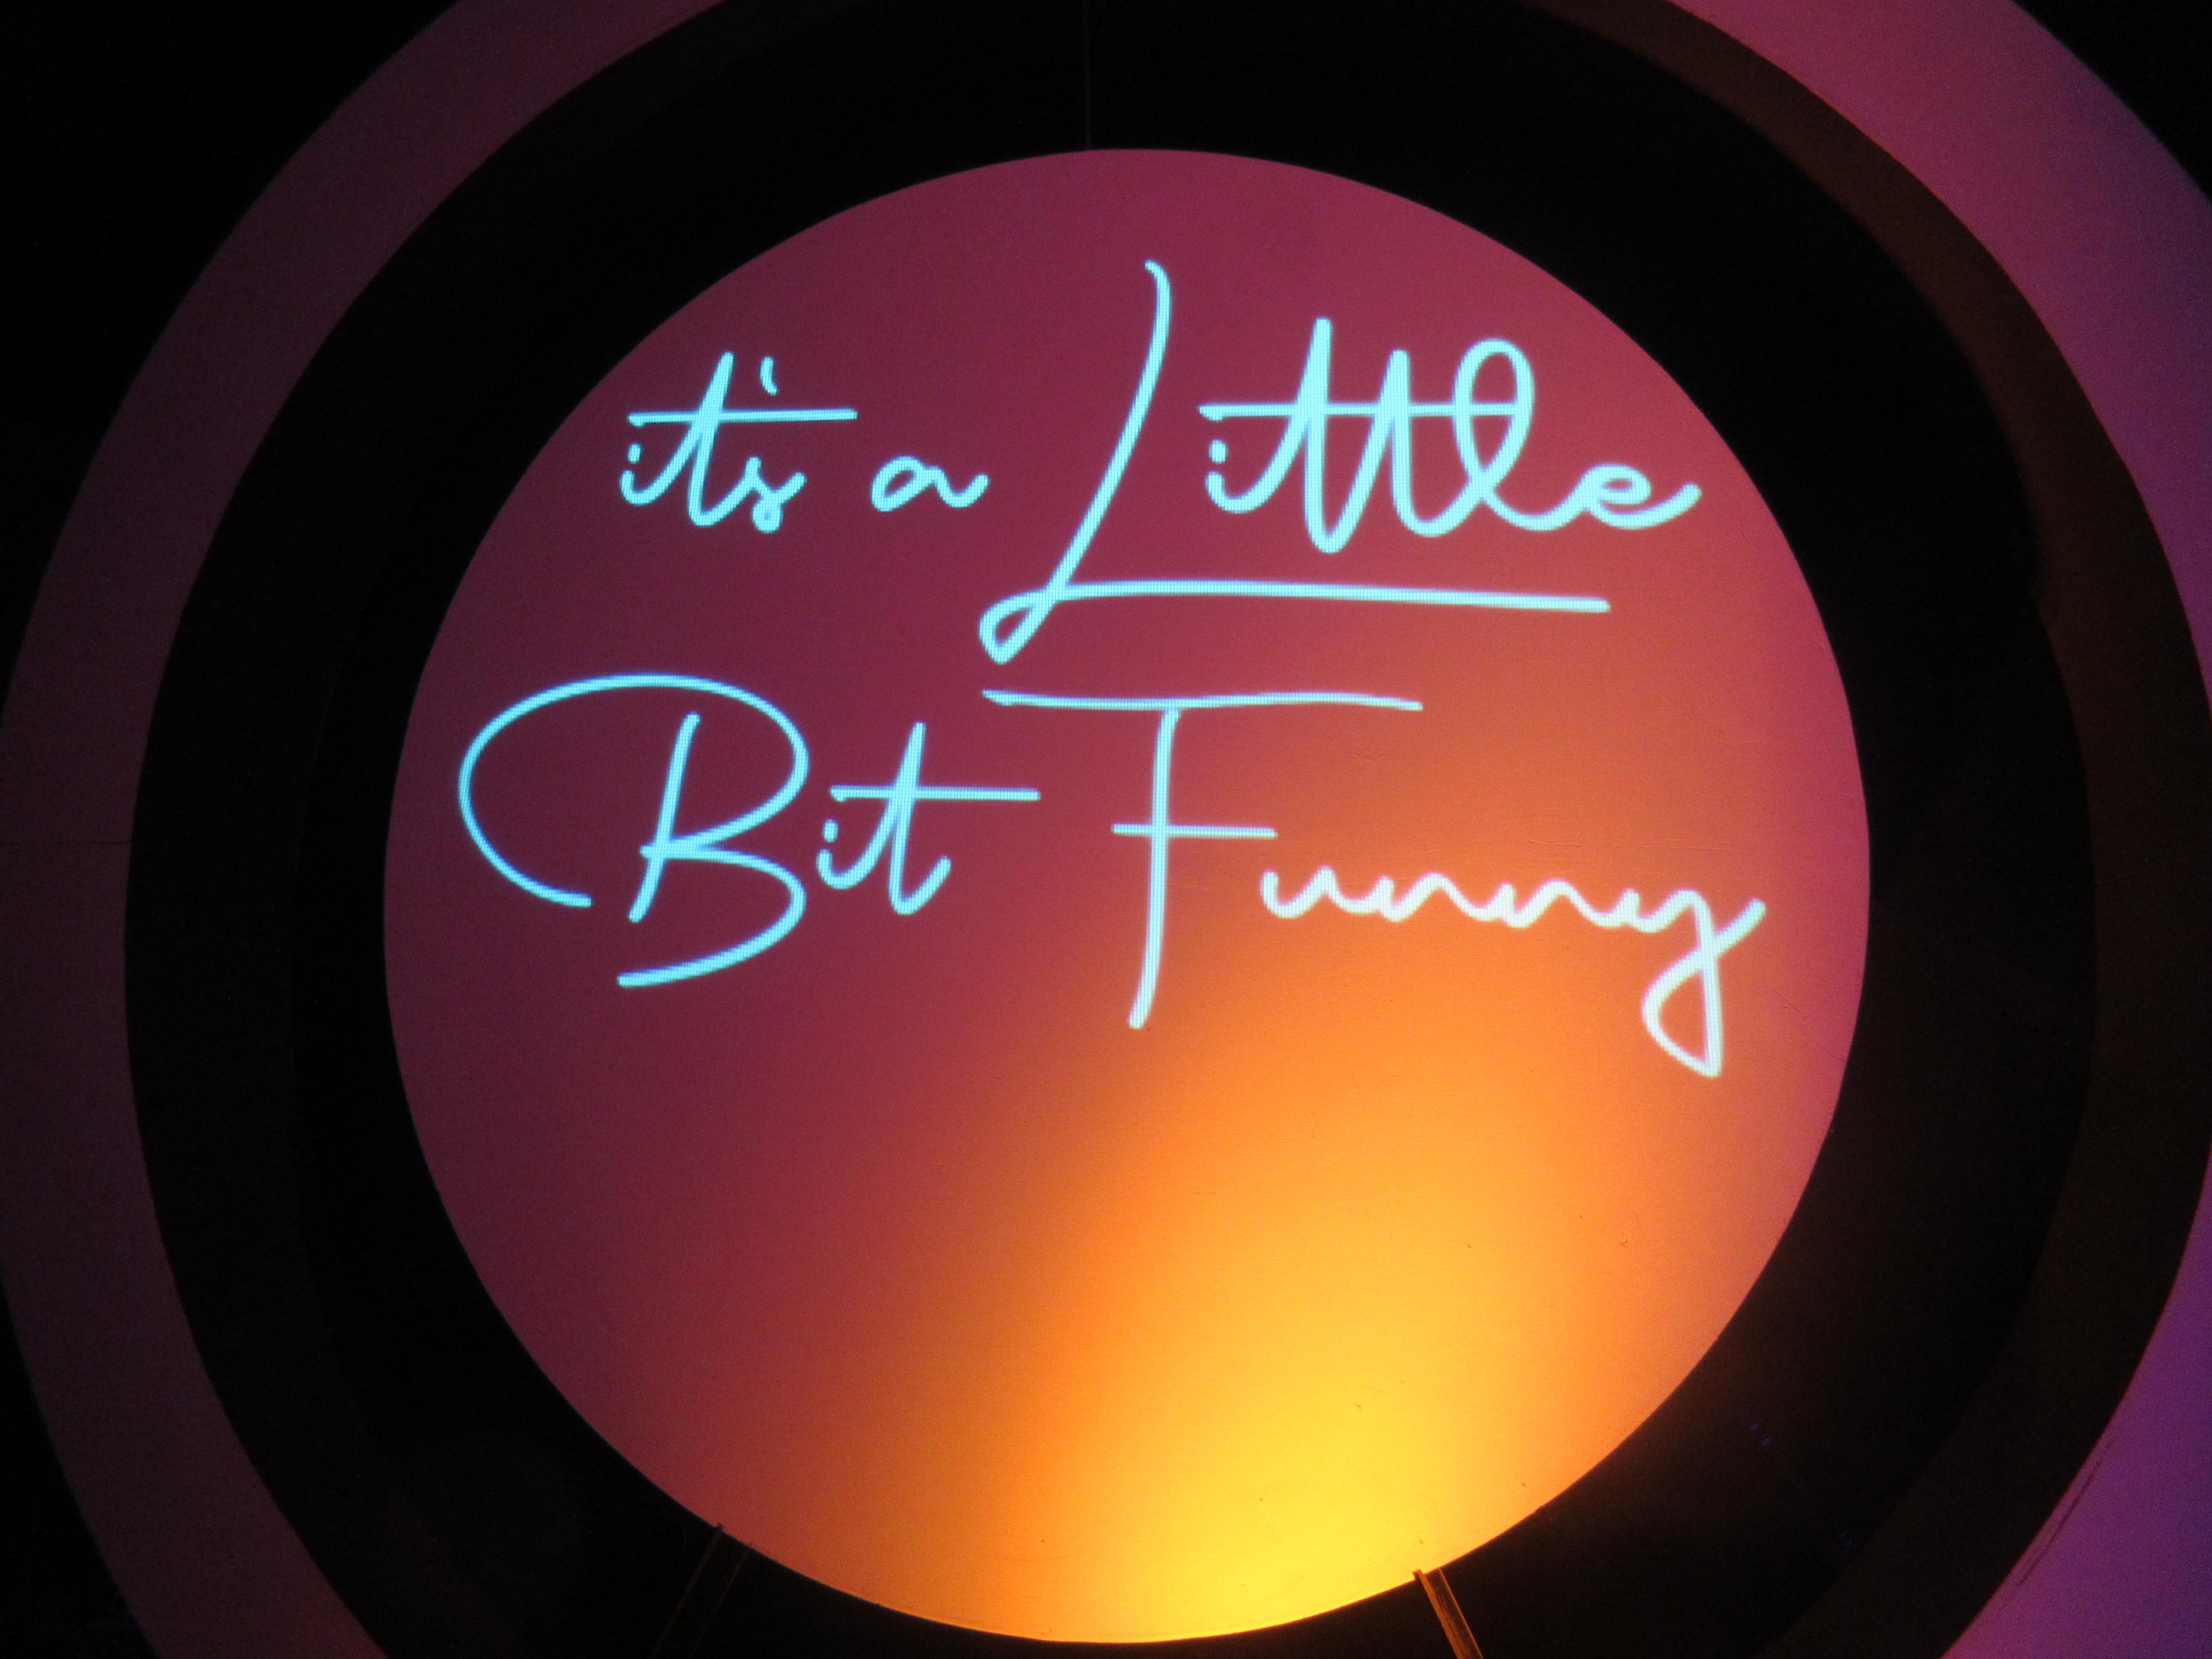 Elton John - It's a Little Bit Funny - photo by Juliamaud